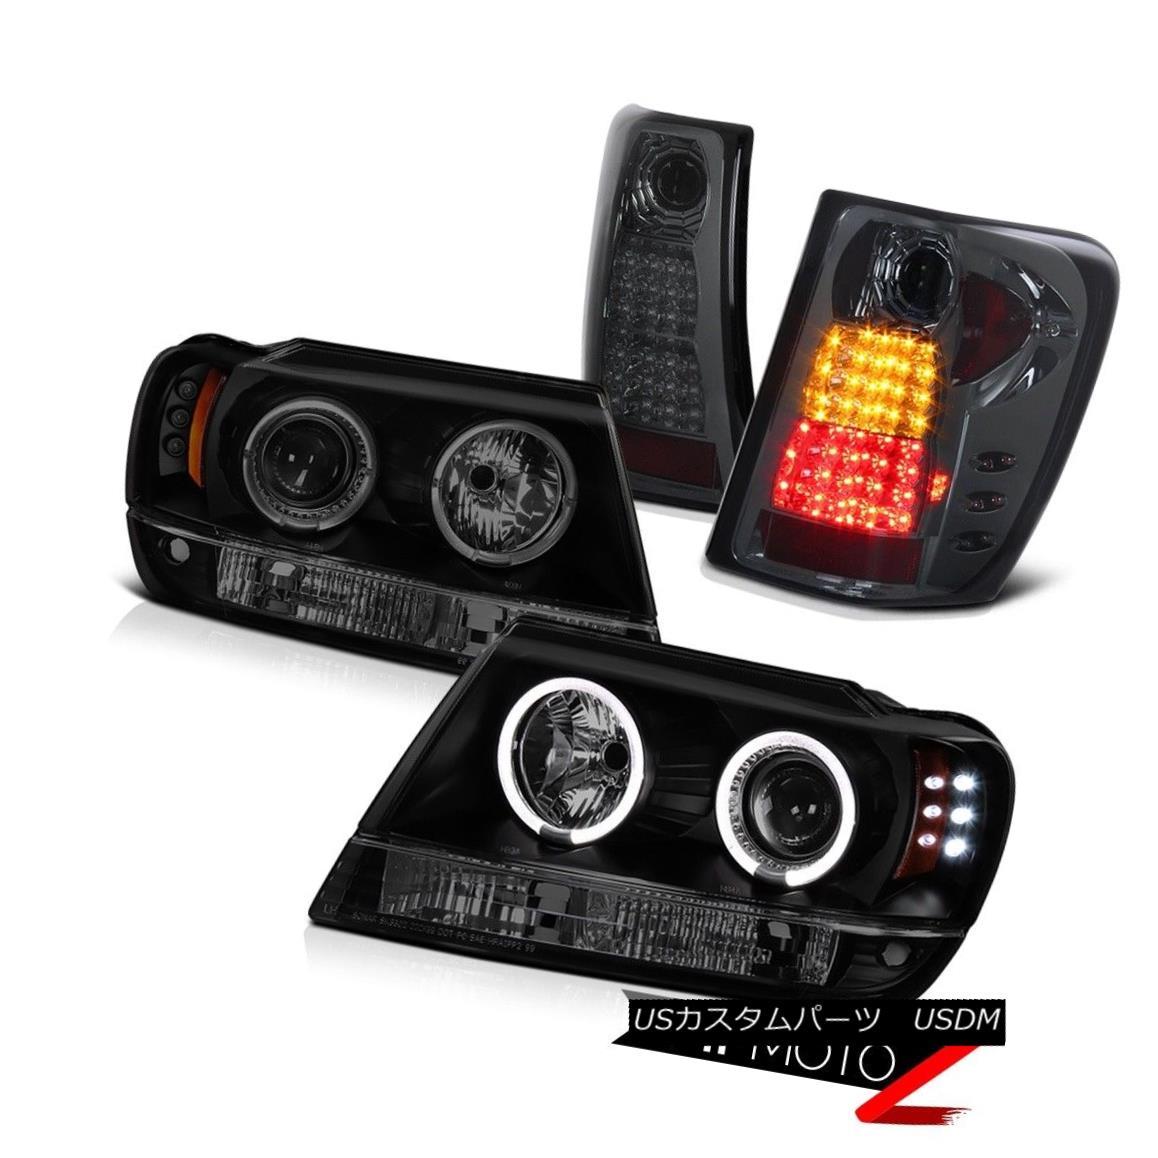 テールライト Grand Cherokee 99-04 WG Sinister Black LED Halo Headlight Smoke Rear Brake Lamp グランドチェロキー99-04 WGシニスターブラックLEDハローヘッドライトスモークリアブレーキランプ